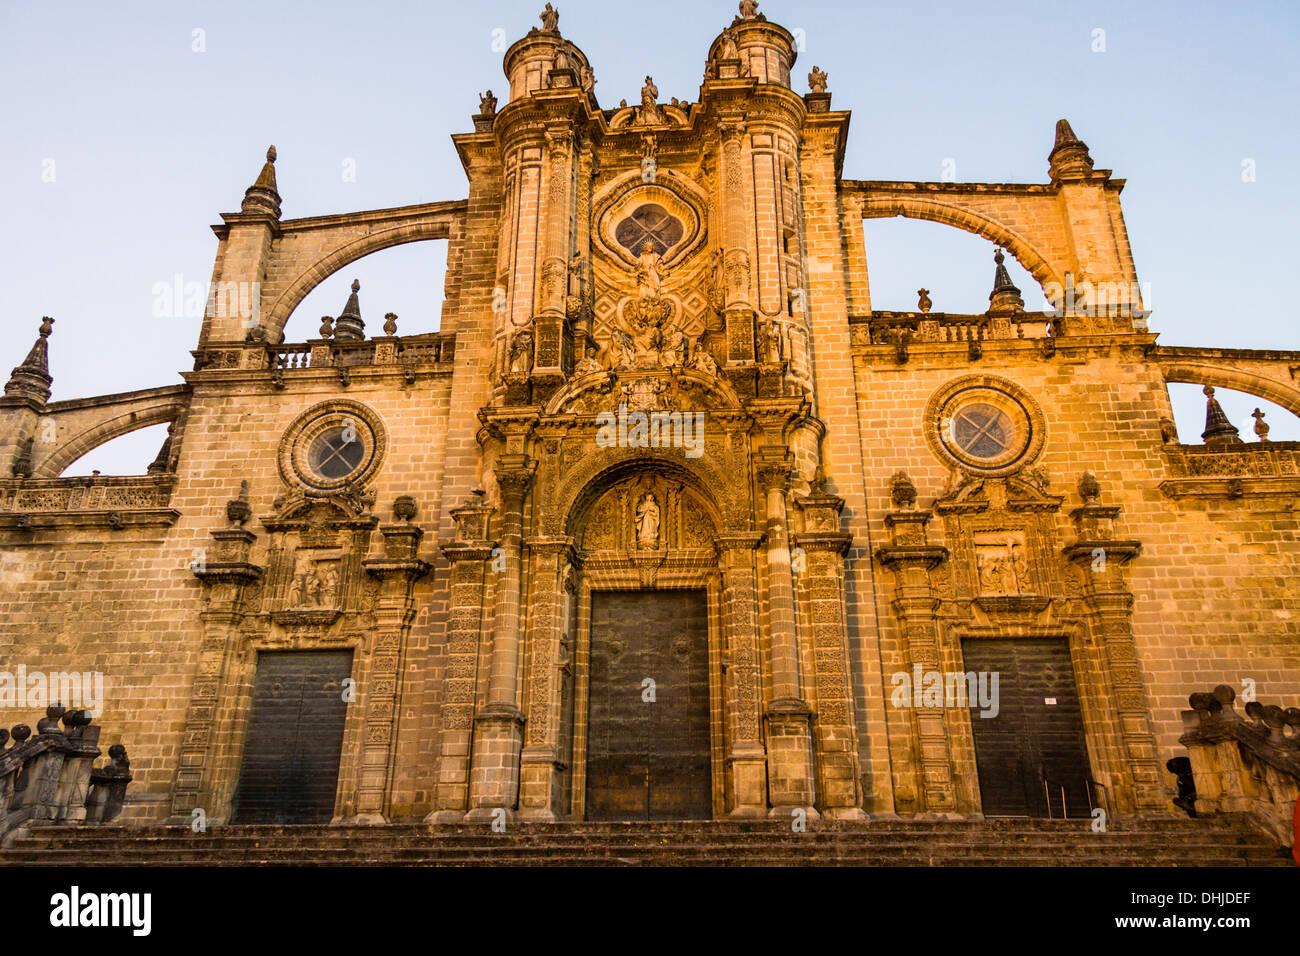 Kathedrale von San Salvador mit Flutlicht in der Abenddämmerung. Jerez De La Frontera, Andalusien, Spanien Stockbild